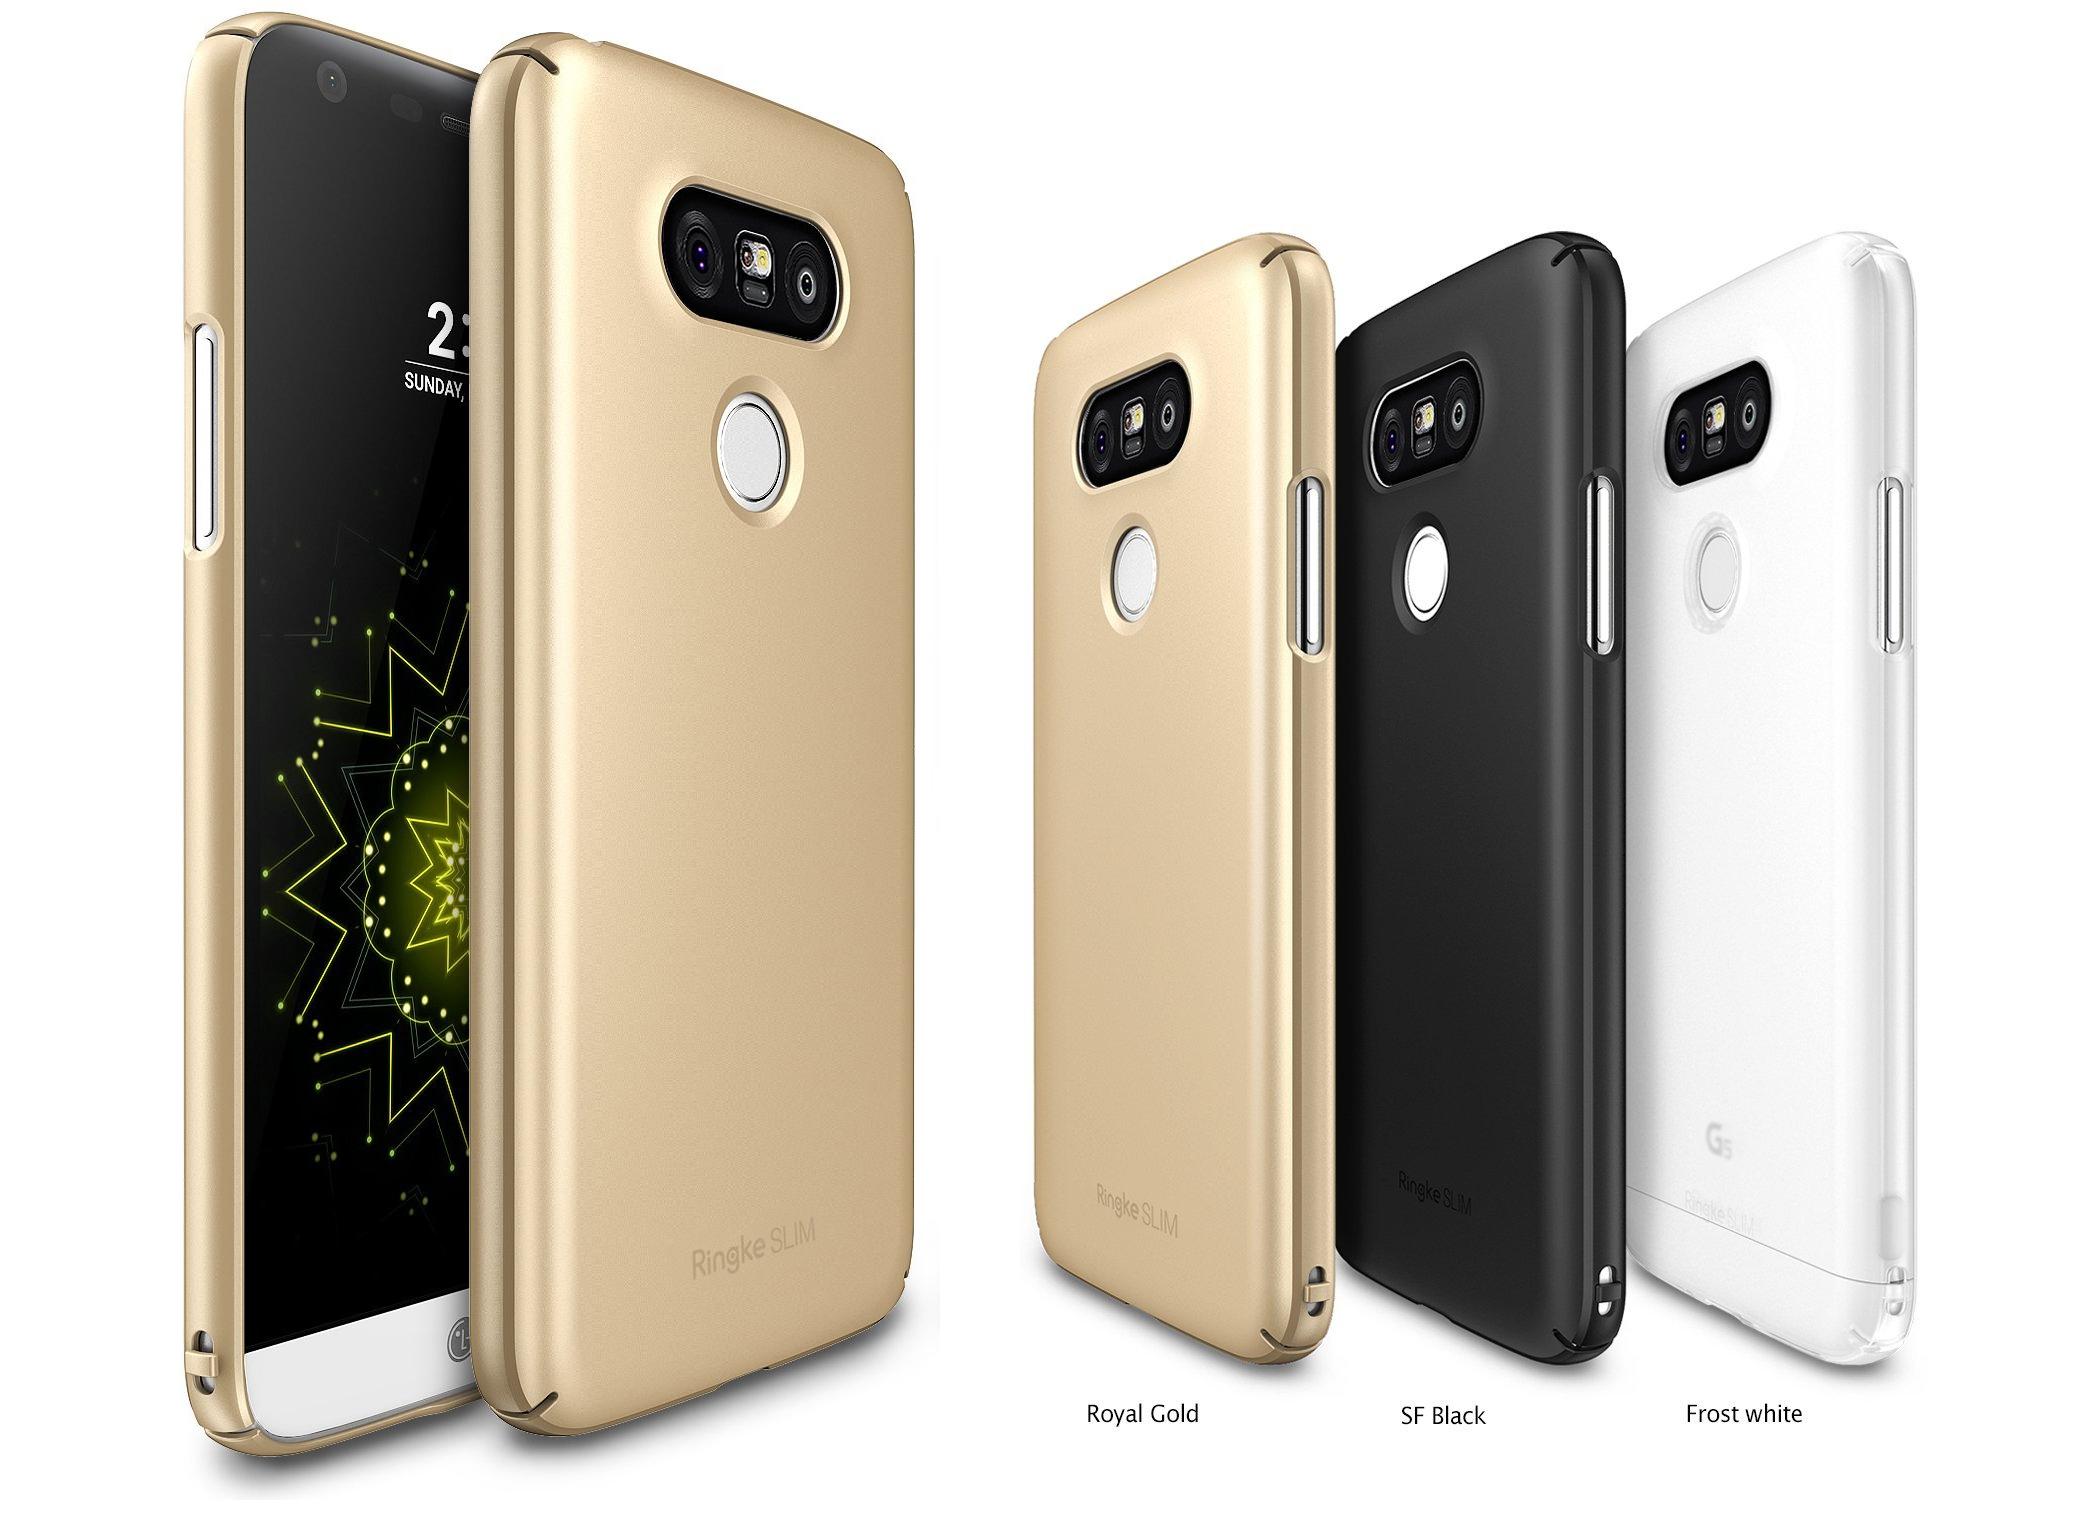 LG G5 Ultra Thin Hard Skin case 2016